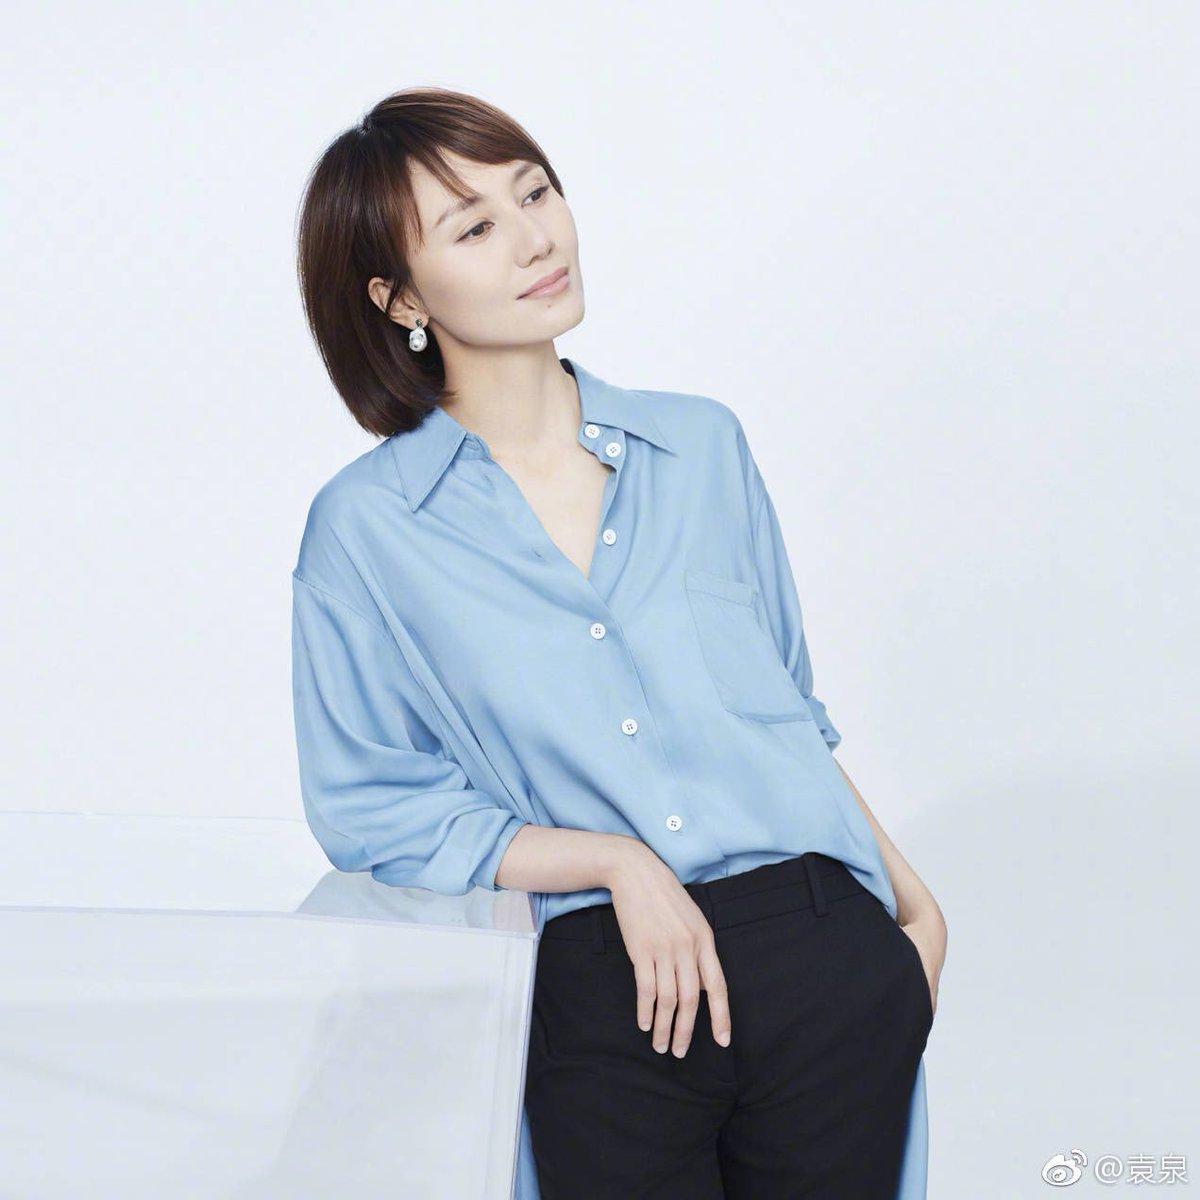 naked Yuan Quan (43 pics) Paparazzi, Facebook, panties